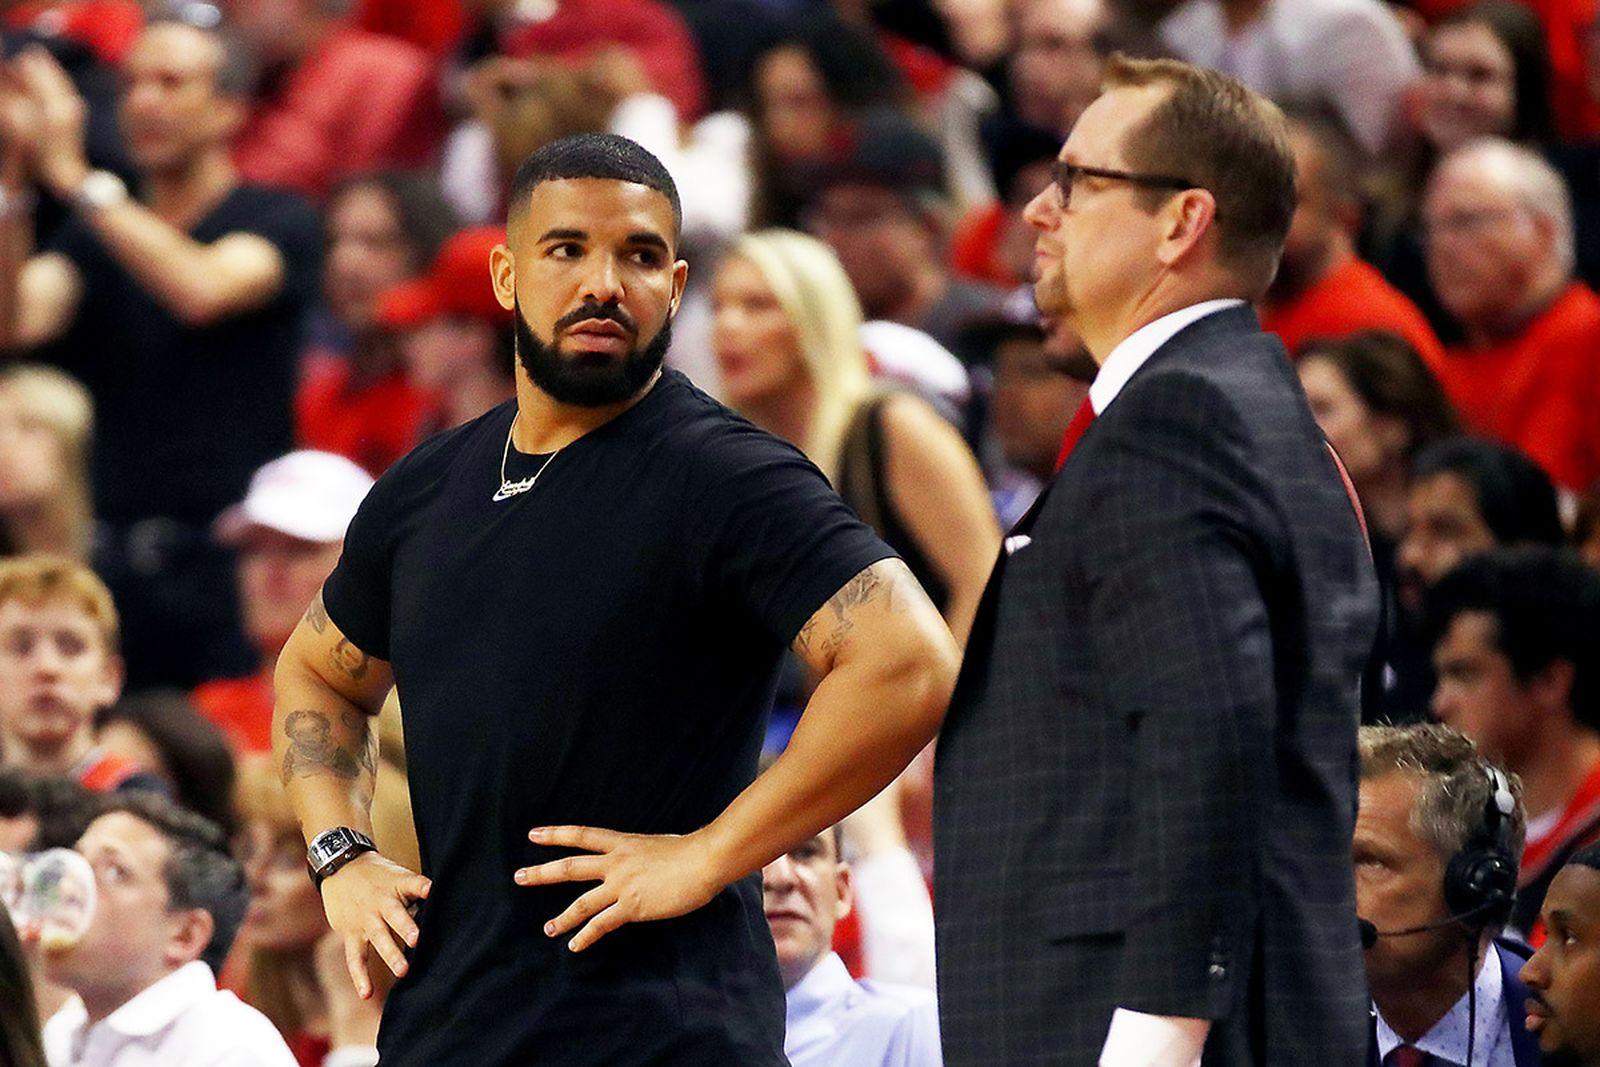 Drake at Toronto Raptors game